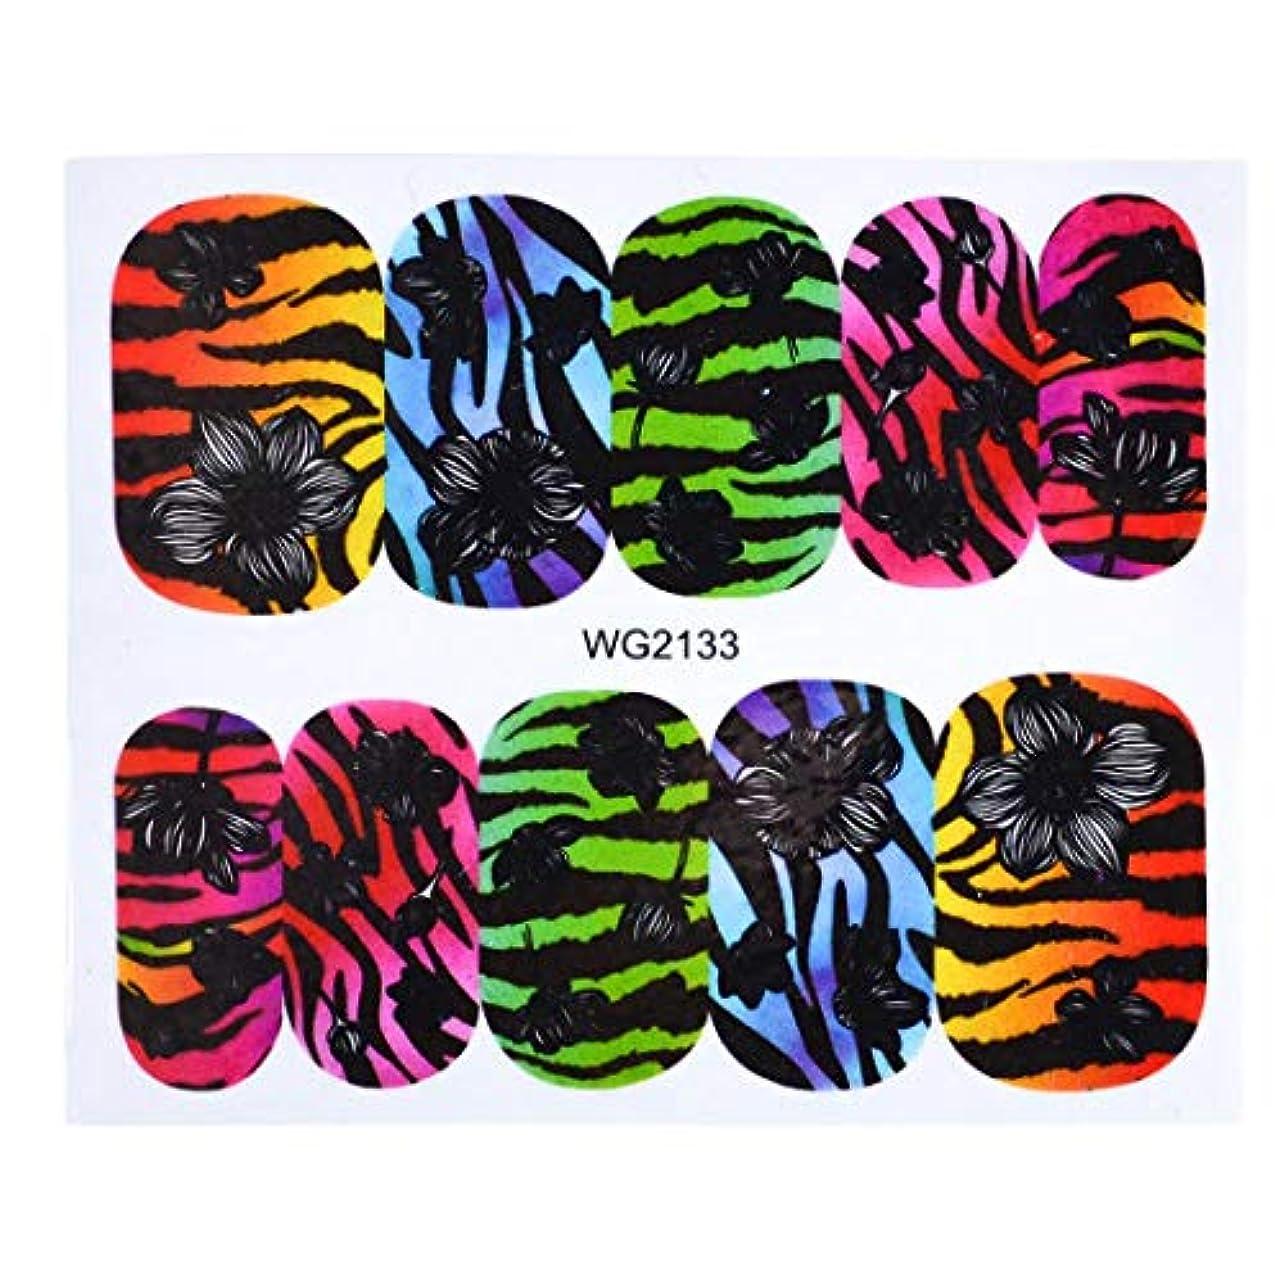 画家スティック法令SUKTI&XIAO ネイルステッカー 1ピースネイルステッカーオプションの花カラフルな花ローズバレンタイン水フルラップネイルアートデカールチャーム、Wg2133